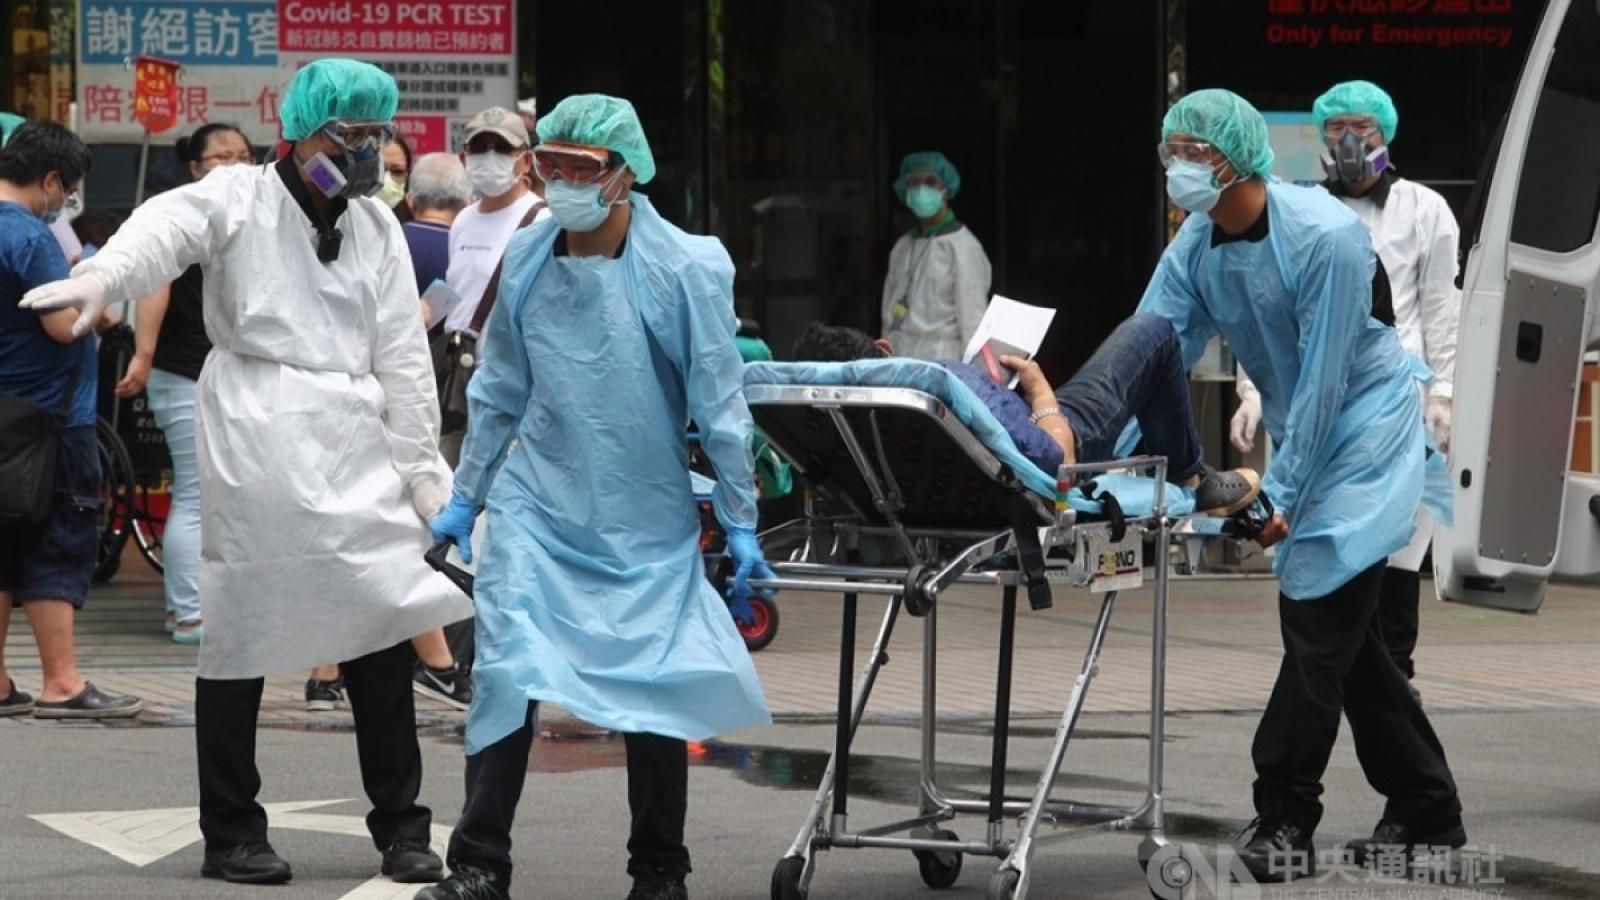 Đài Loan (Trung Quốc) cótỉ lệ tử vong do Covid-19 cao nhất thế giới